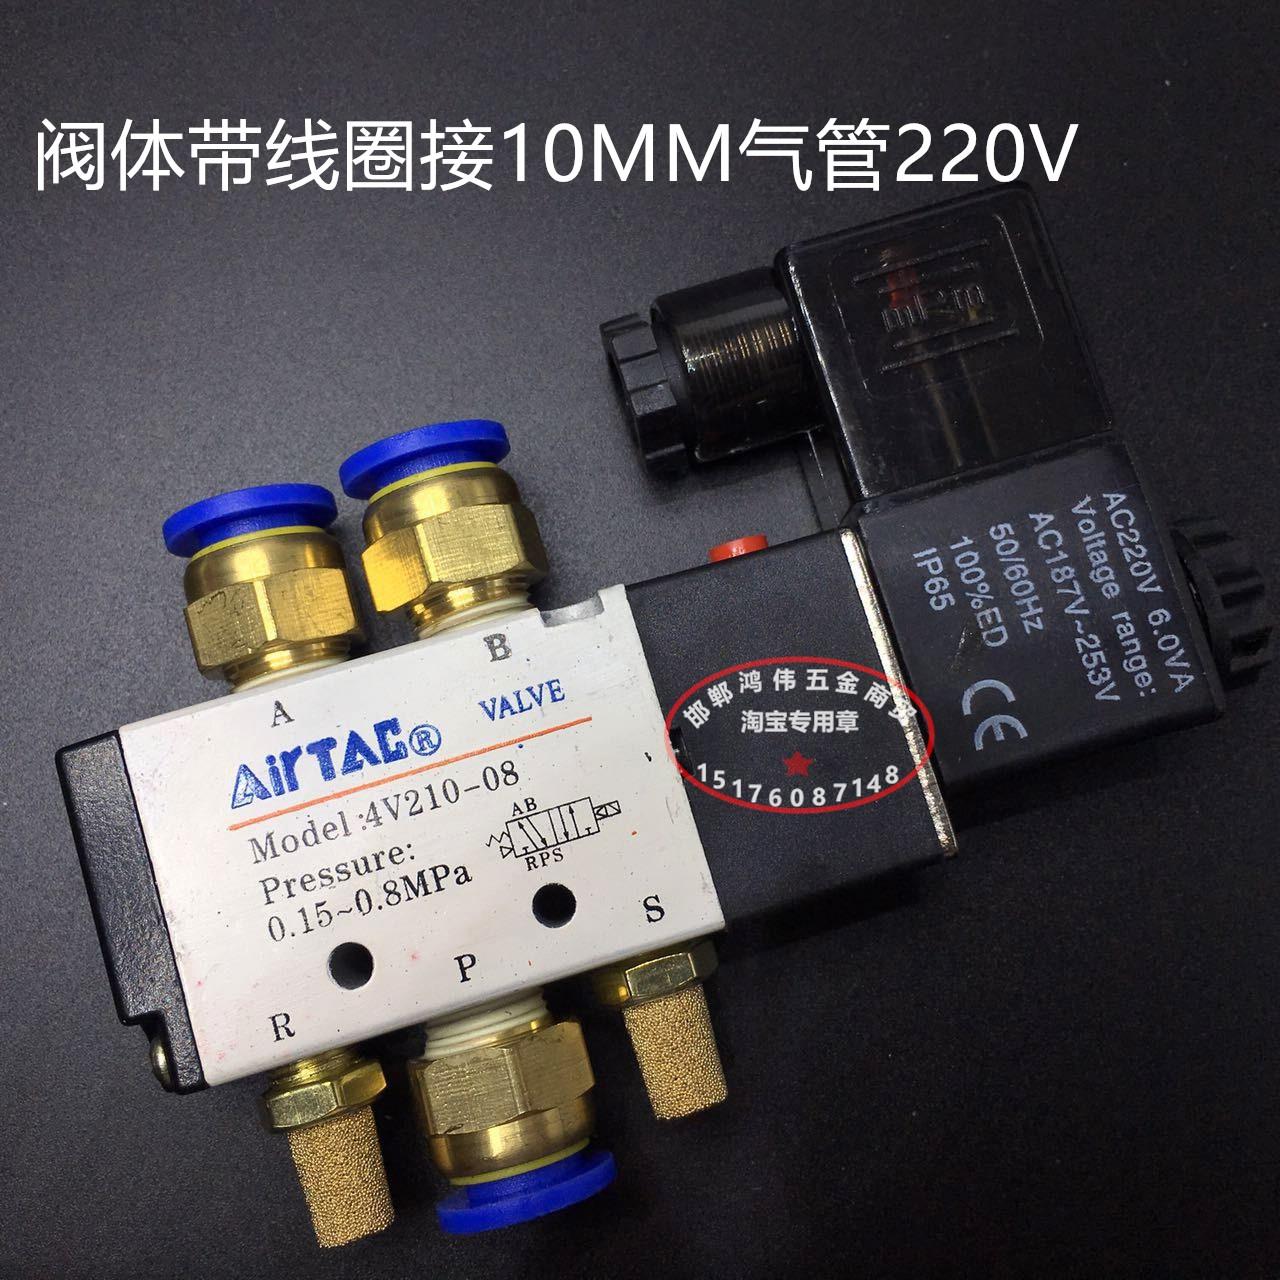 - válvula de solenoide de la válvula de control de aire 4V210-08 invitado el solenoide válvula neumática